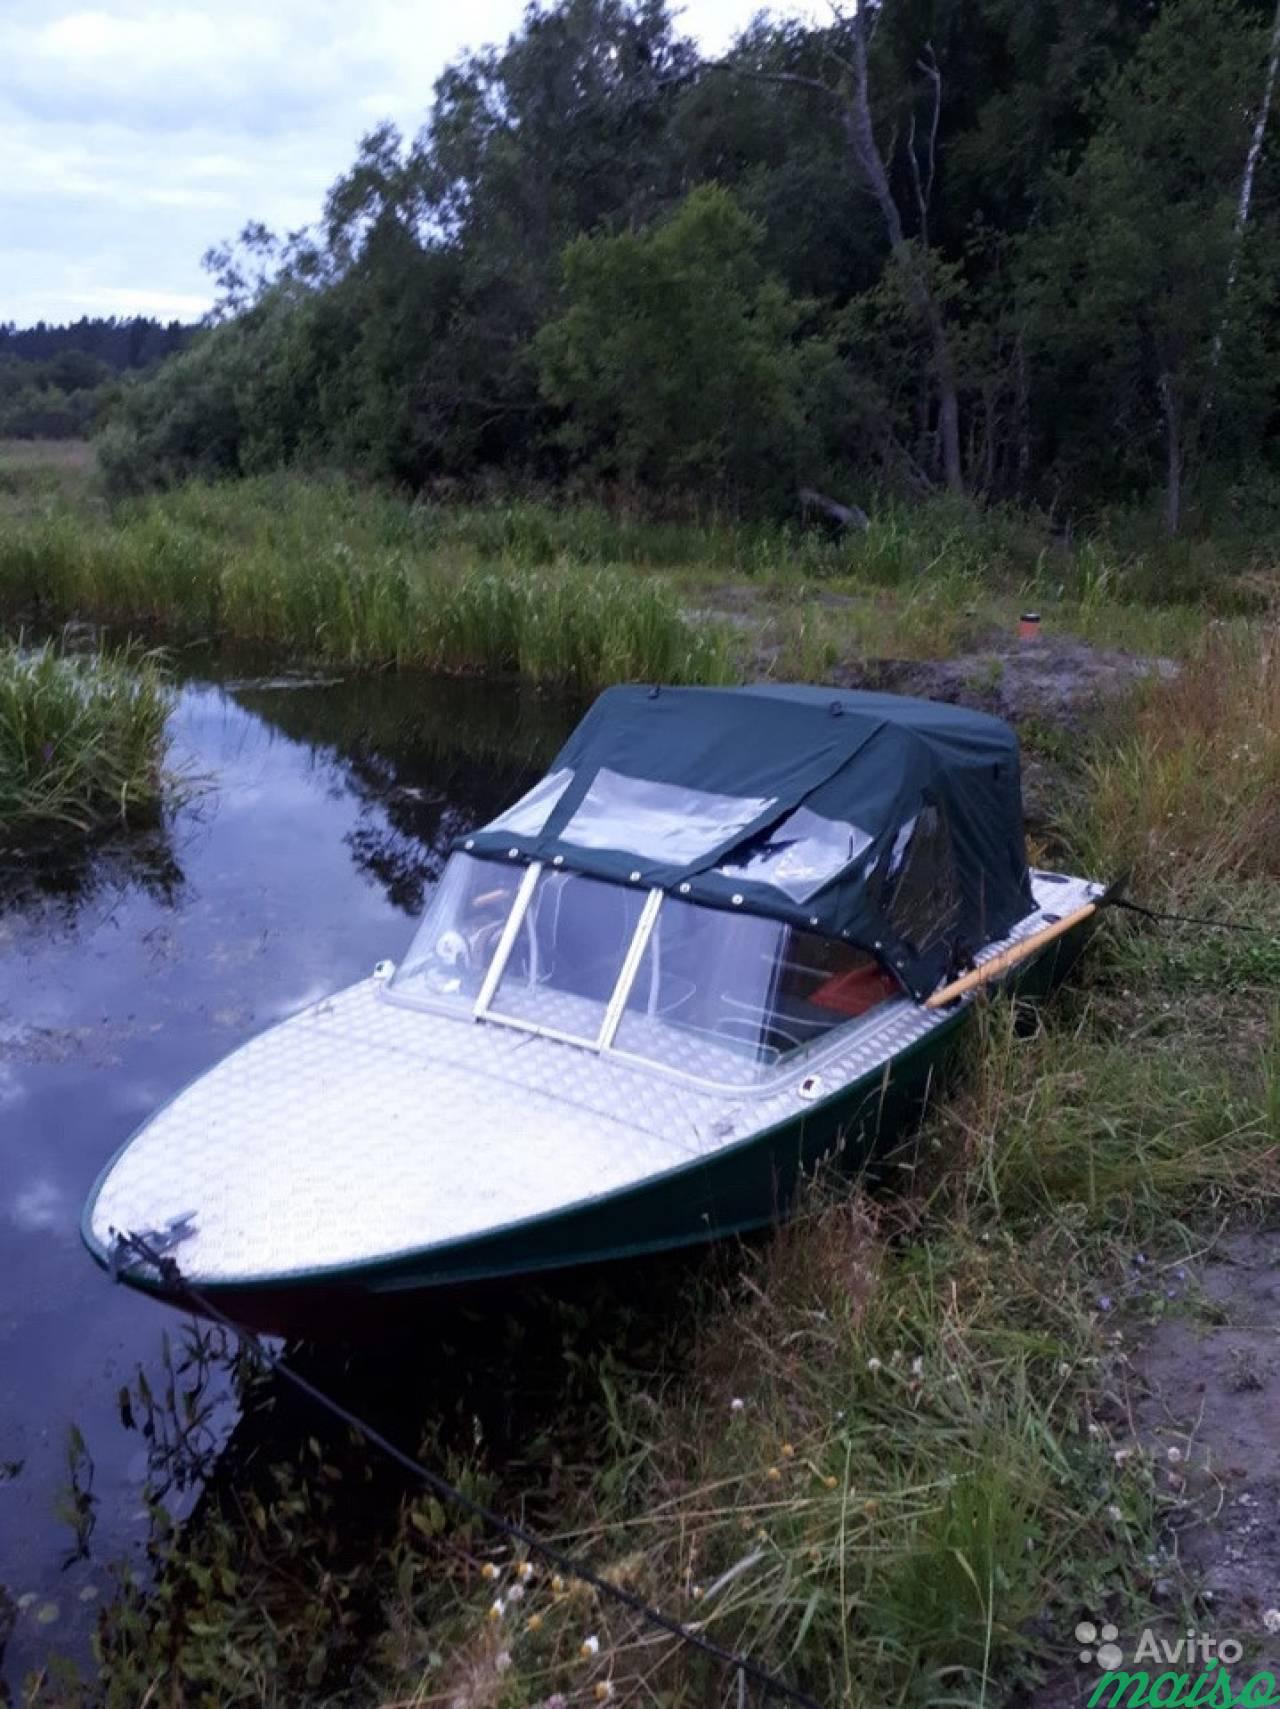 тюнинг лодки днепр рифленым амг фото поделиться вами